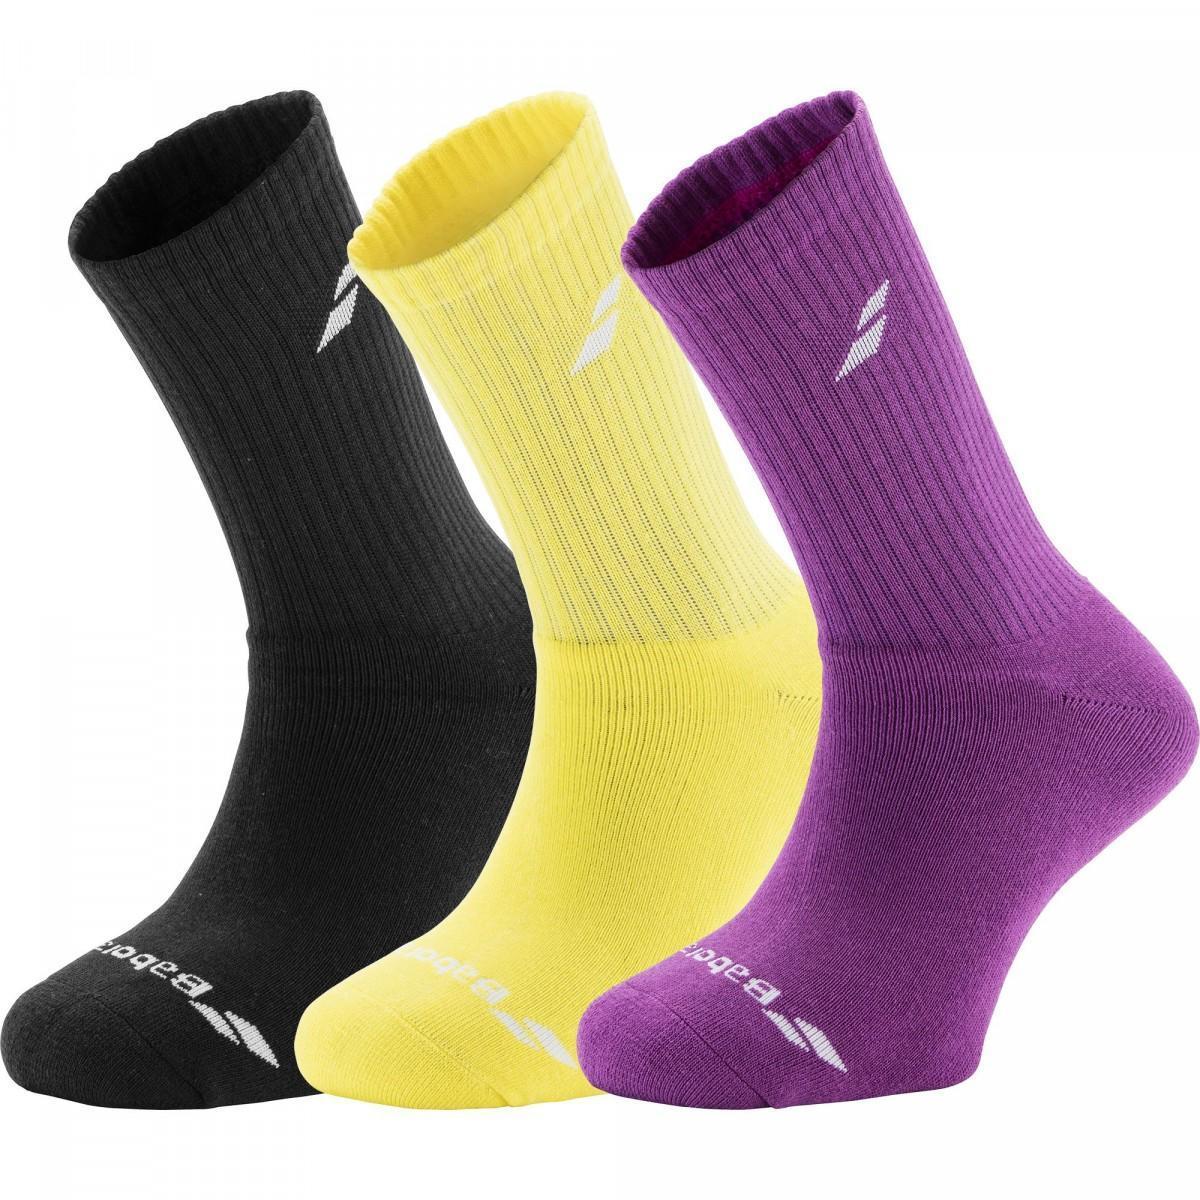 Babolat 3 Pairs Pack Socks aero yellow